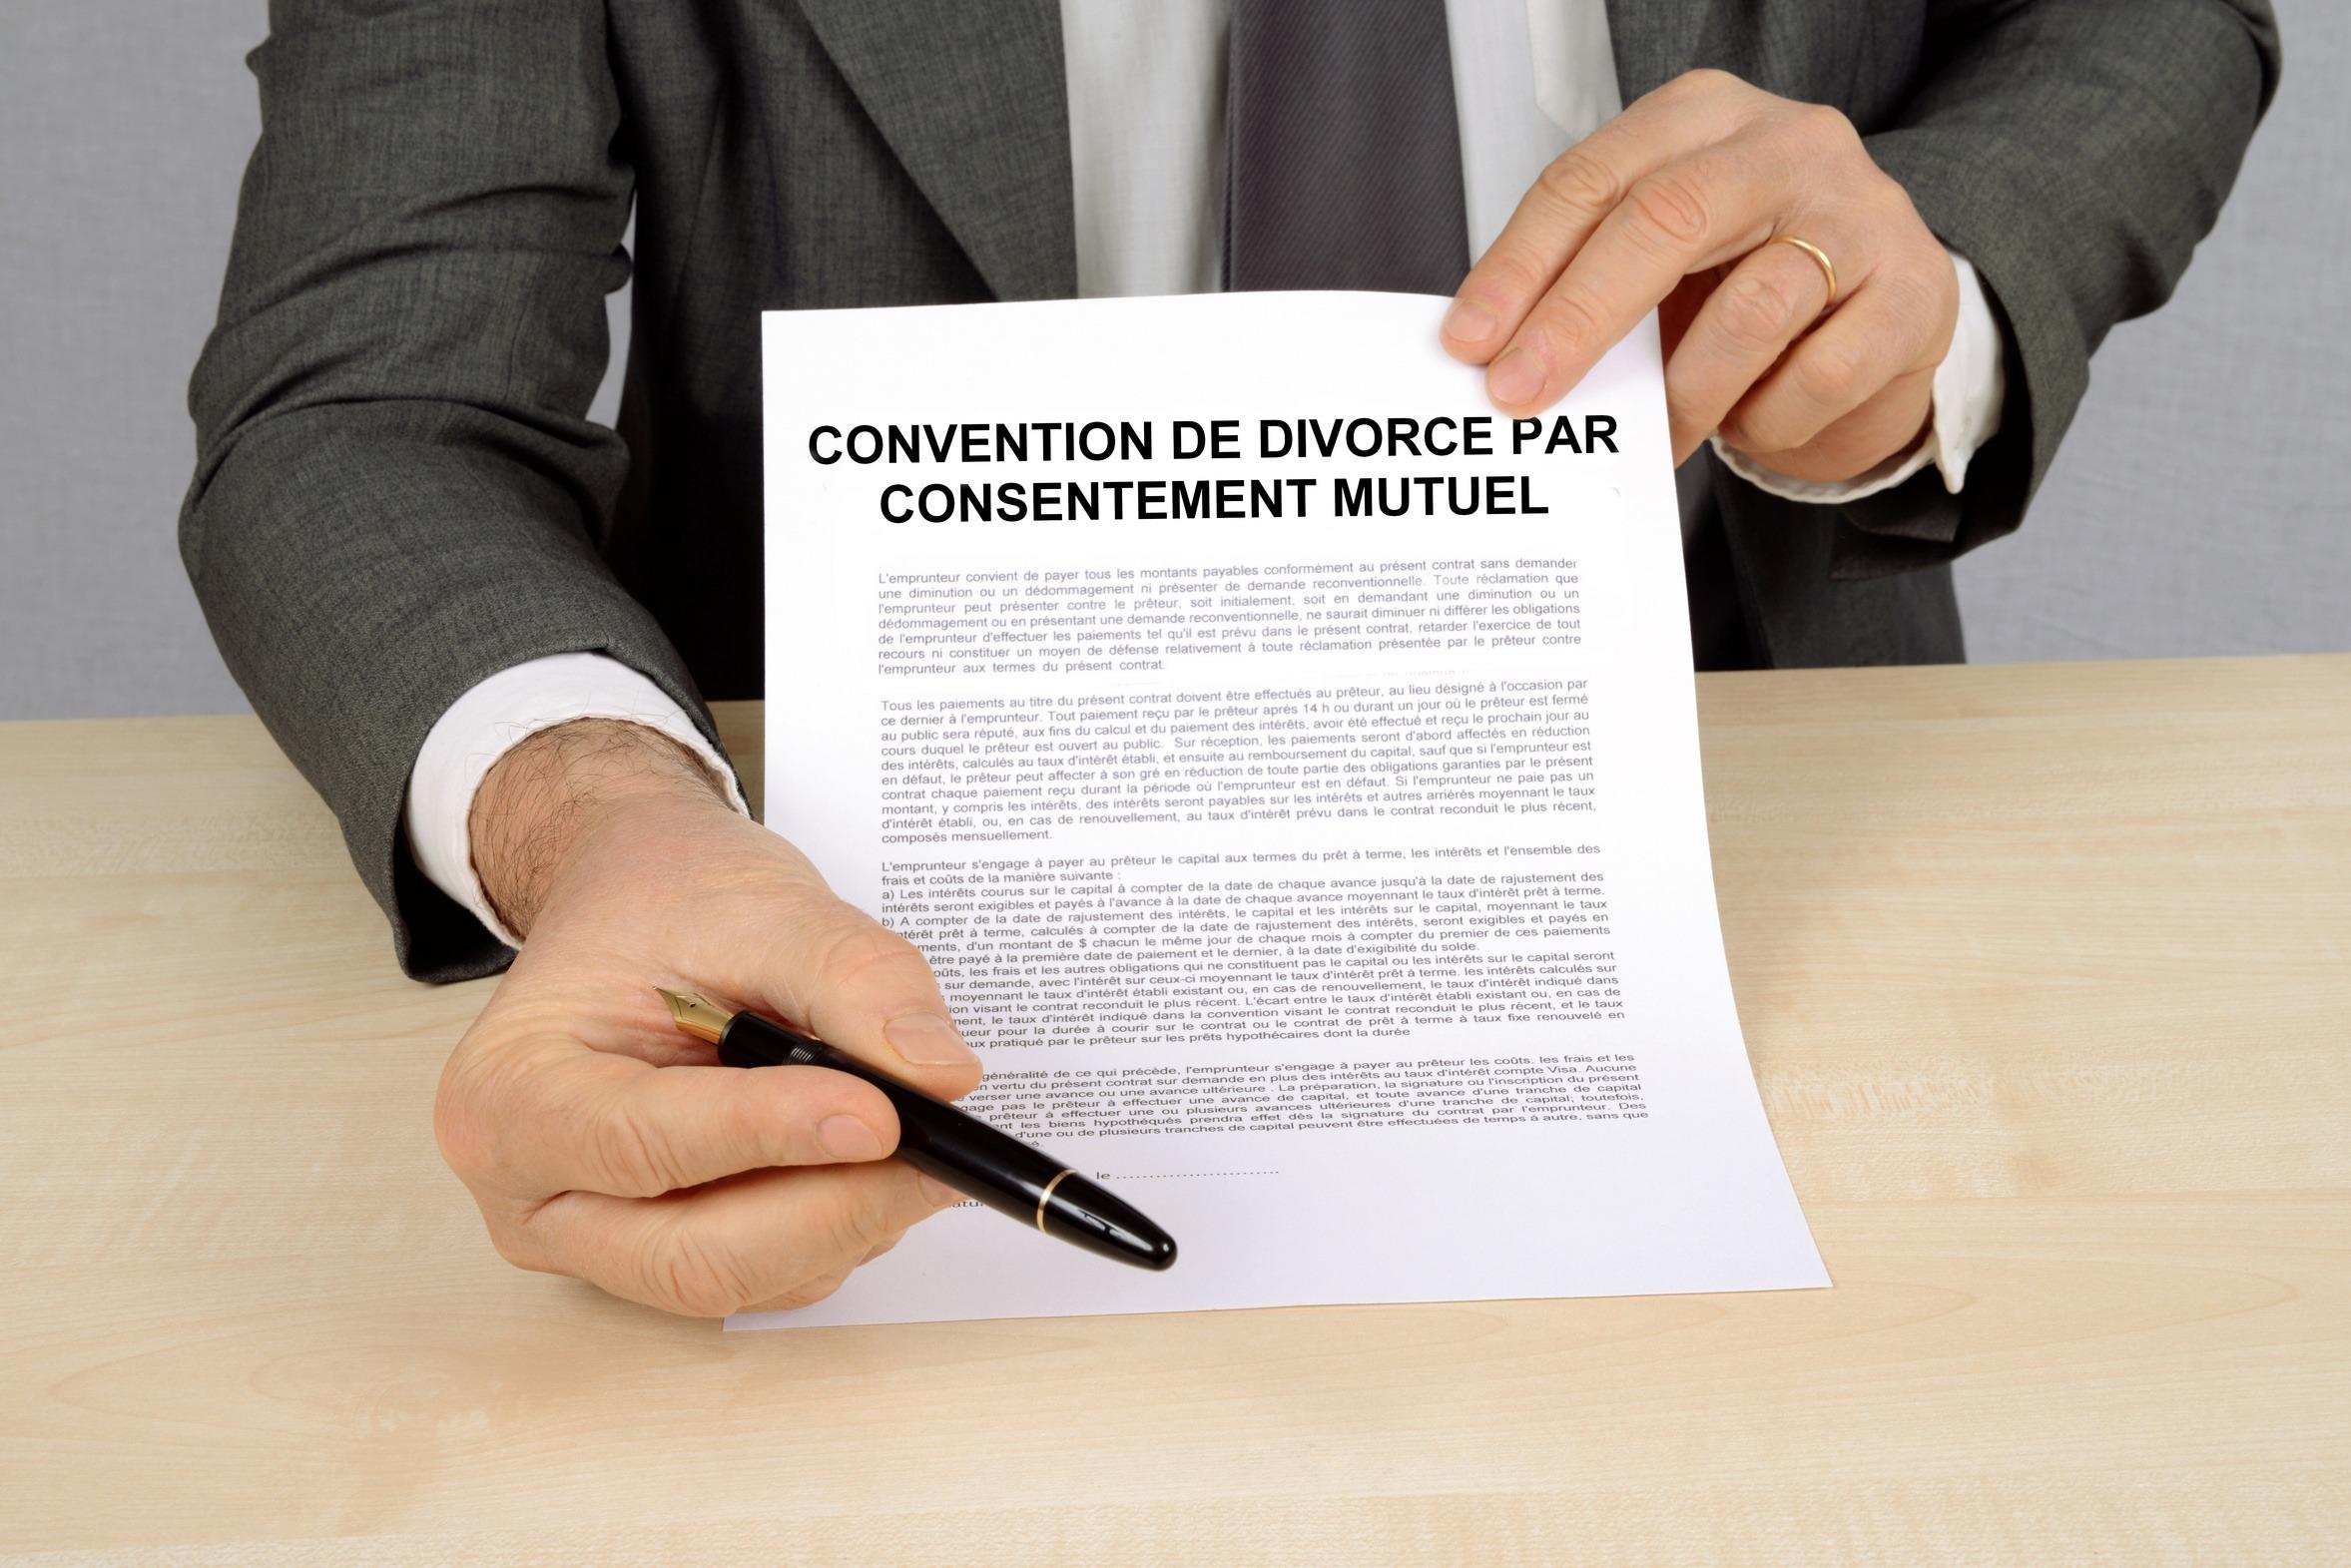 convention de divorce sans juge par consentement mutuel